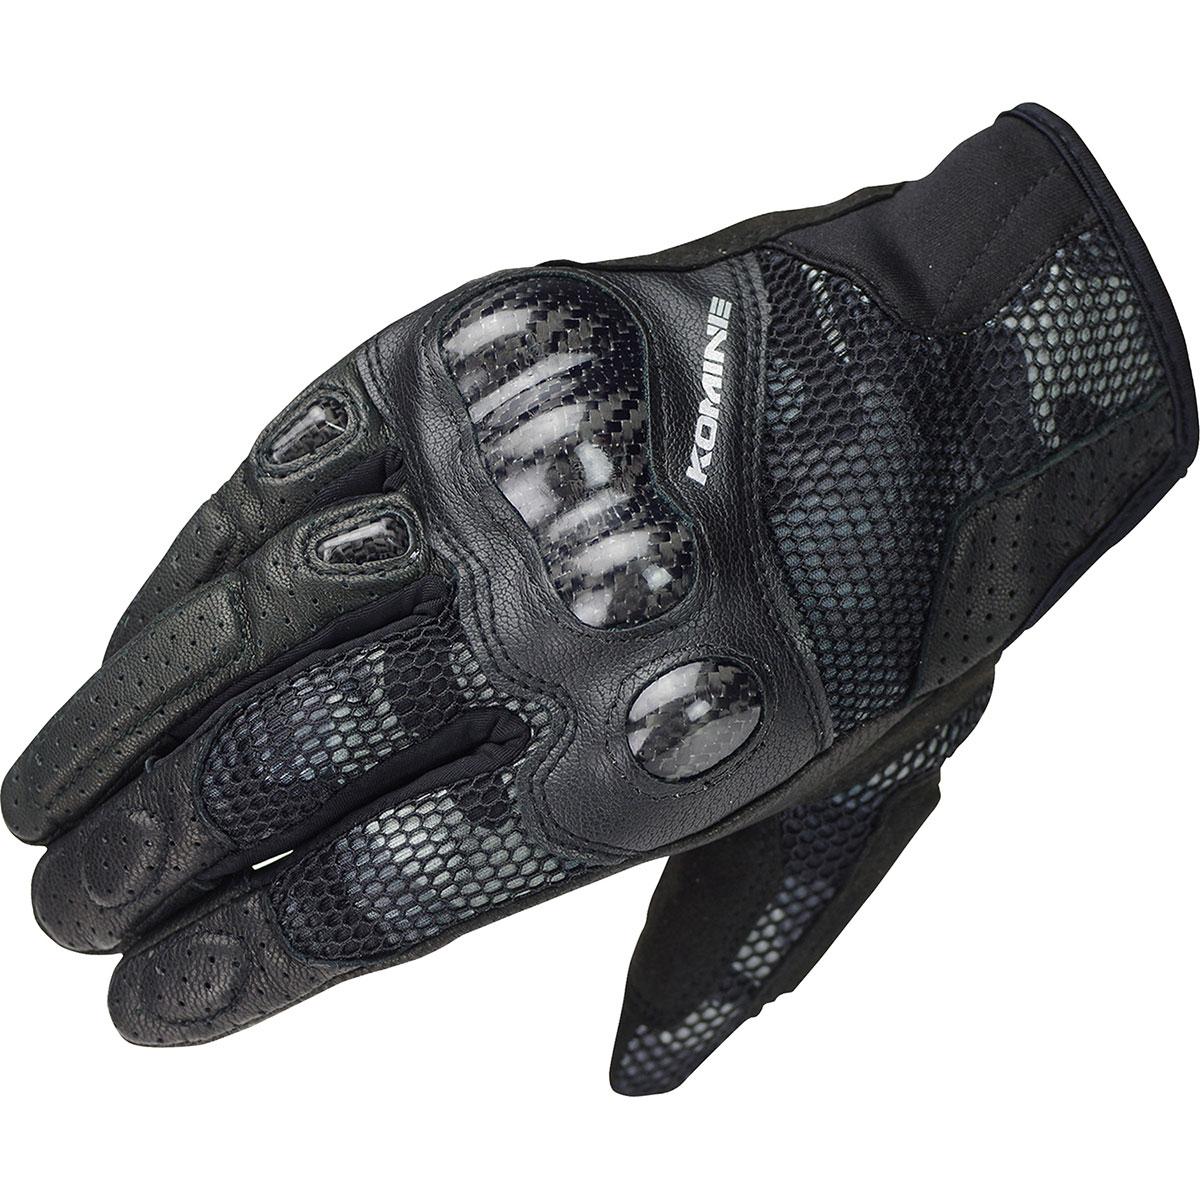 コミネ (Komine) バイク用 グローブ Gloves GK-197 カーボンプロテクト3Dメッシュグローブ-センナ 3D ブラック カモ 黒 迷彩 Mサイズ 06-197/3DBKCAMO/M